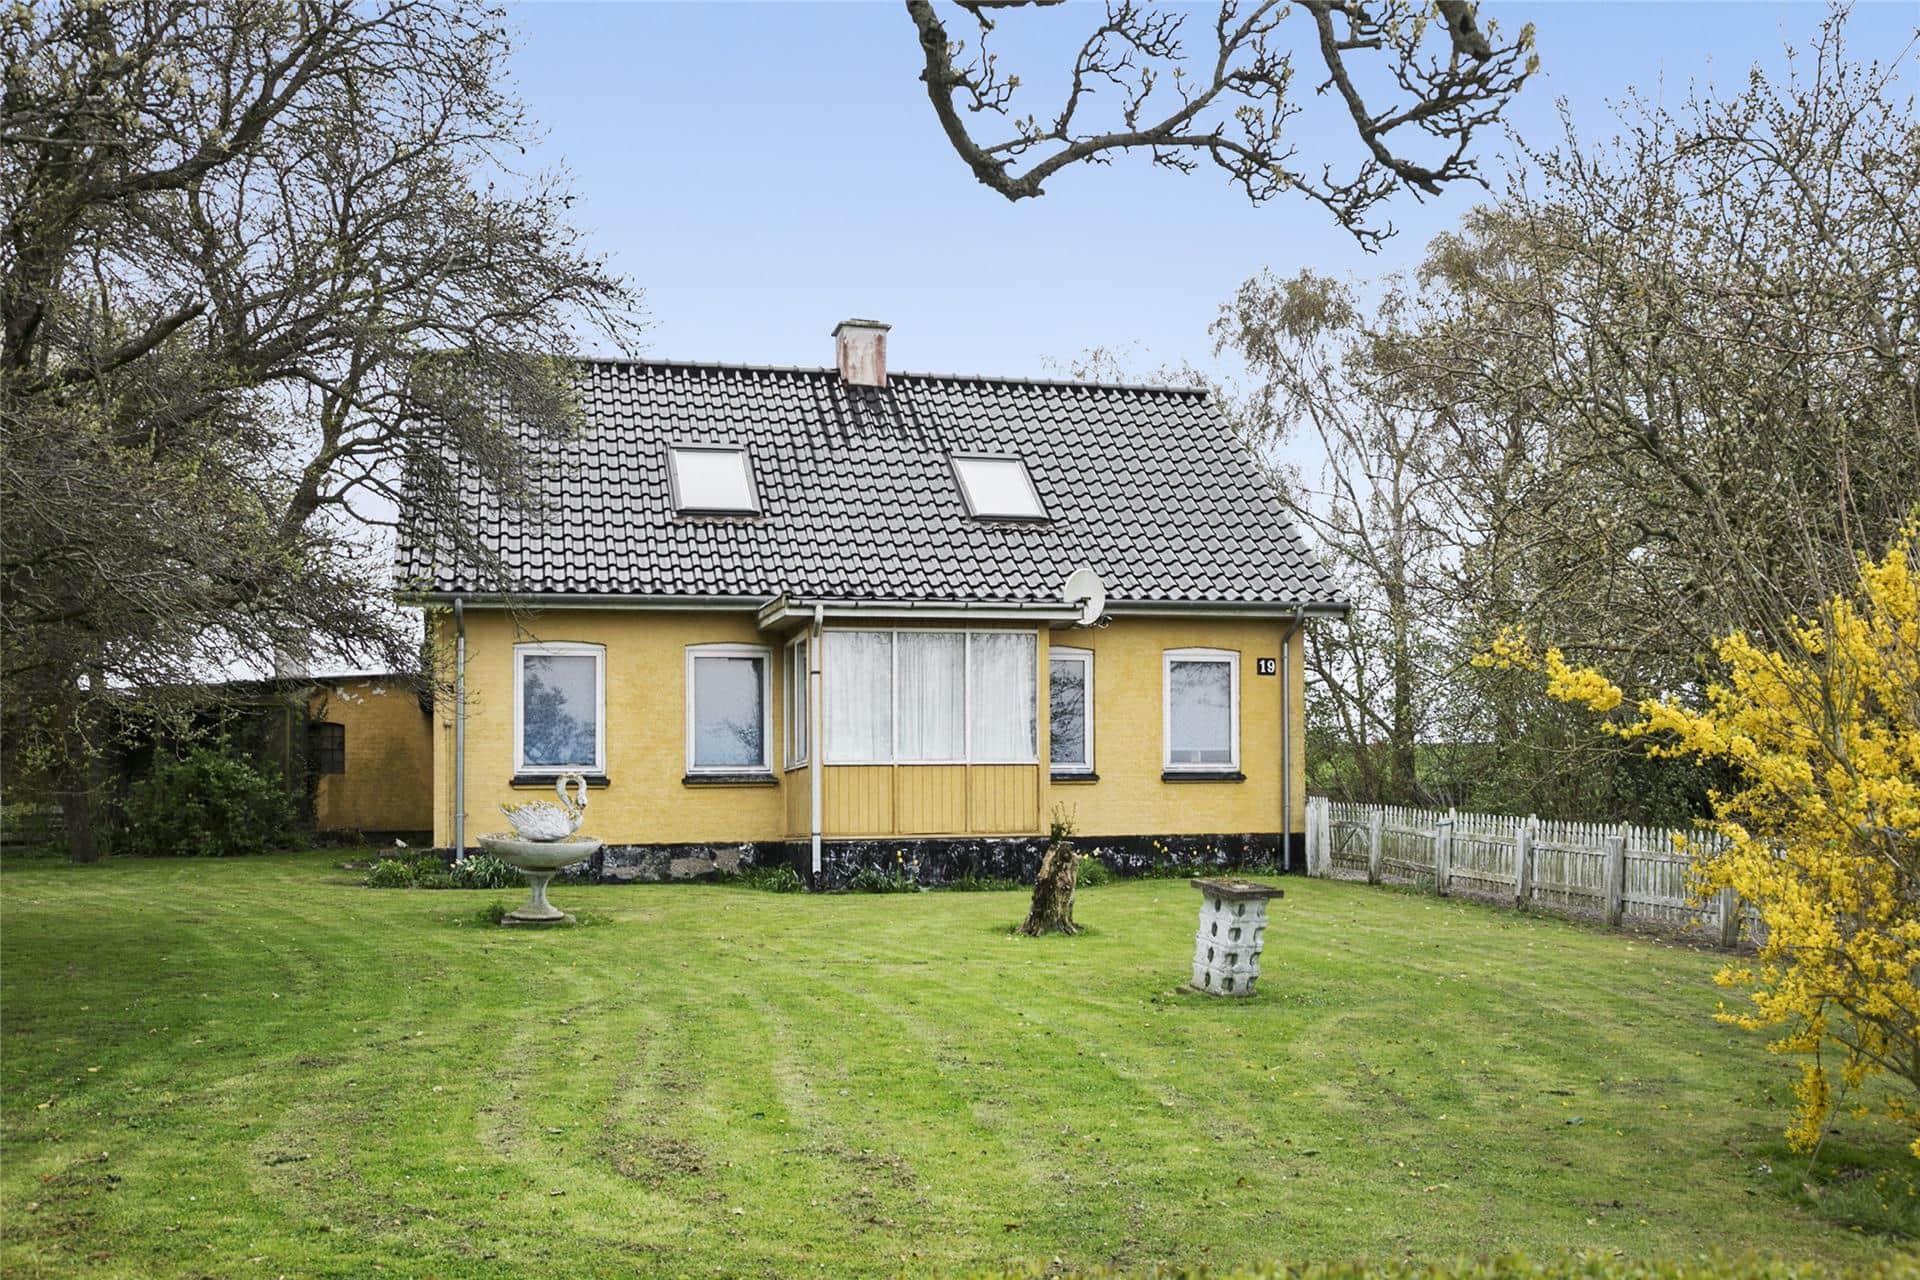 Bilde 1-15 Feirehus 4015, Søndre Landevej 19, DK - 4780 Stege